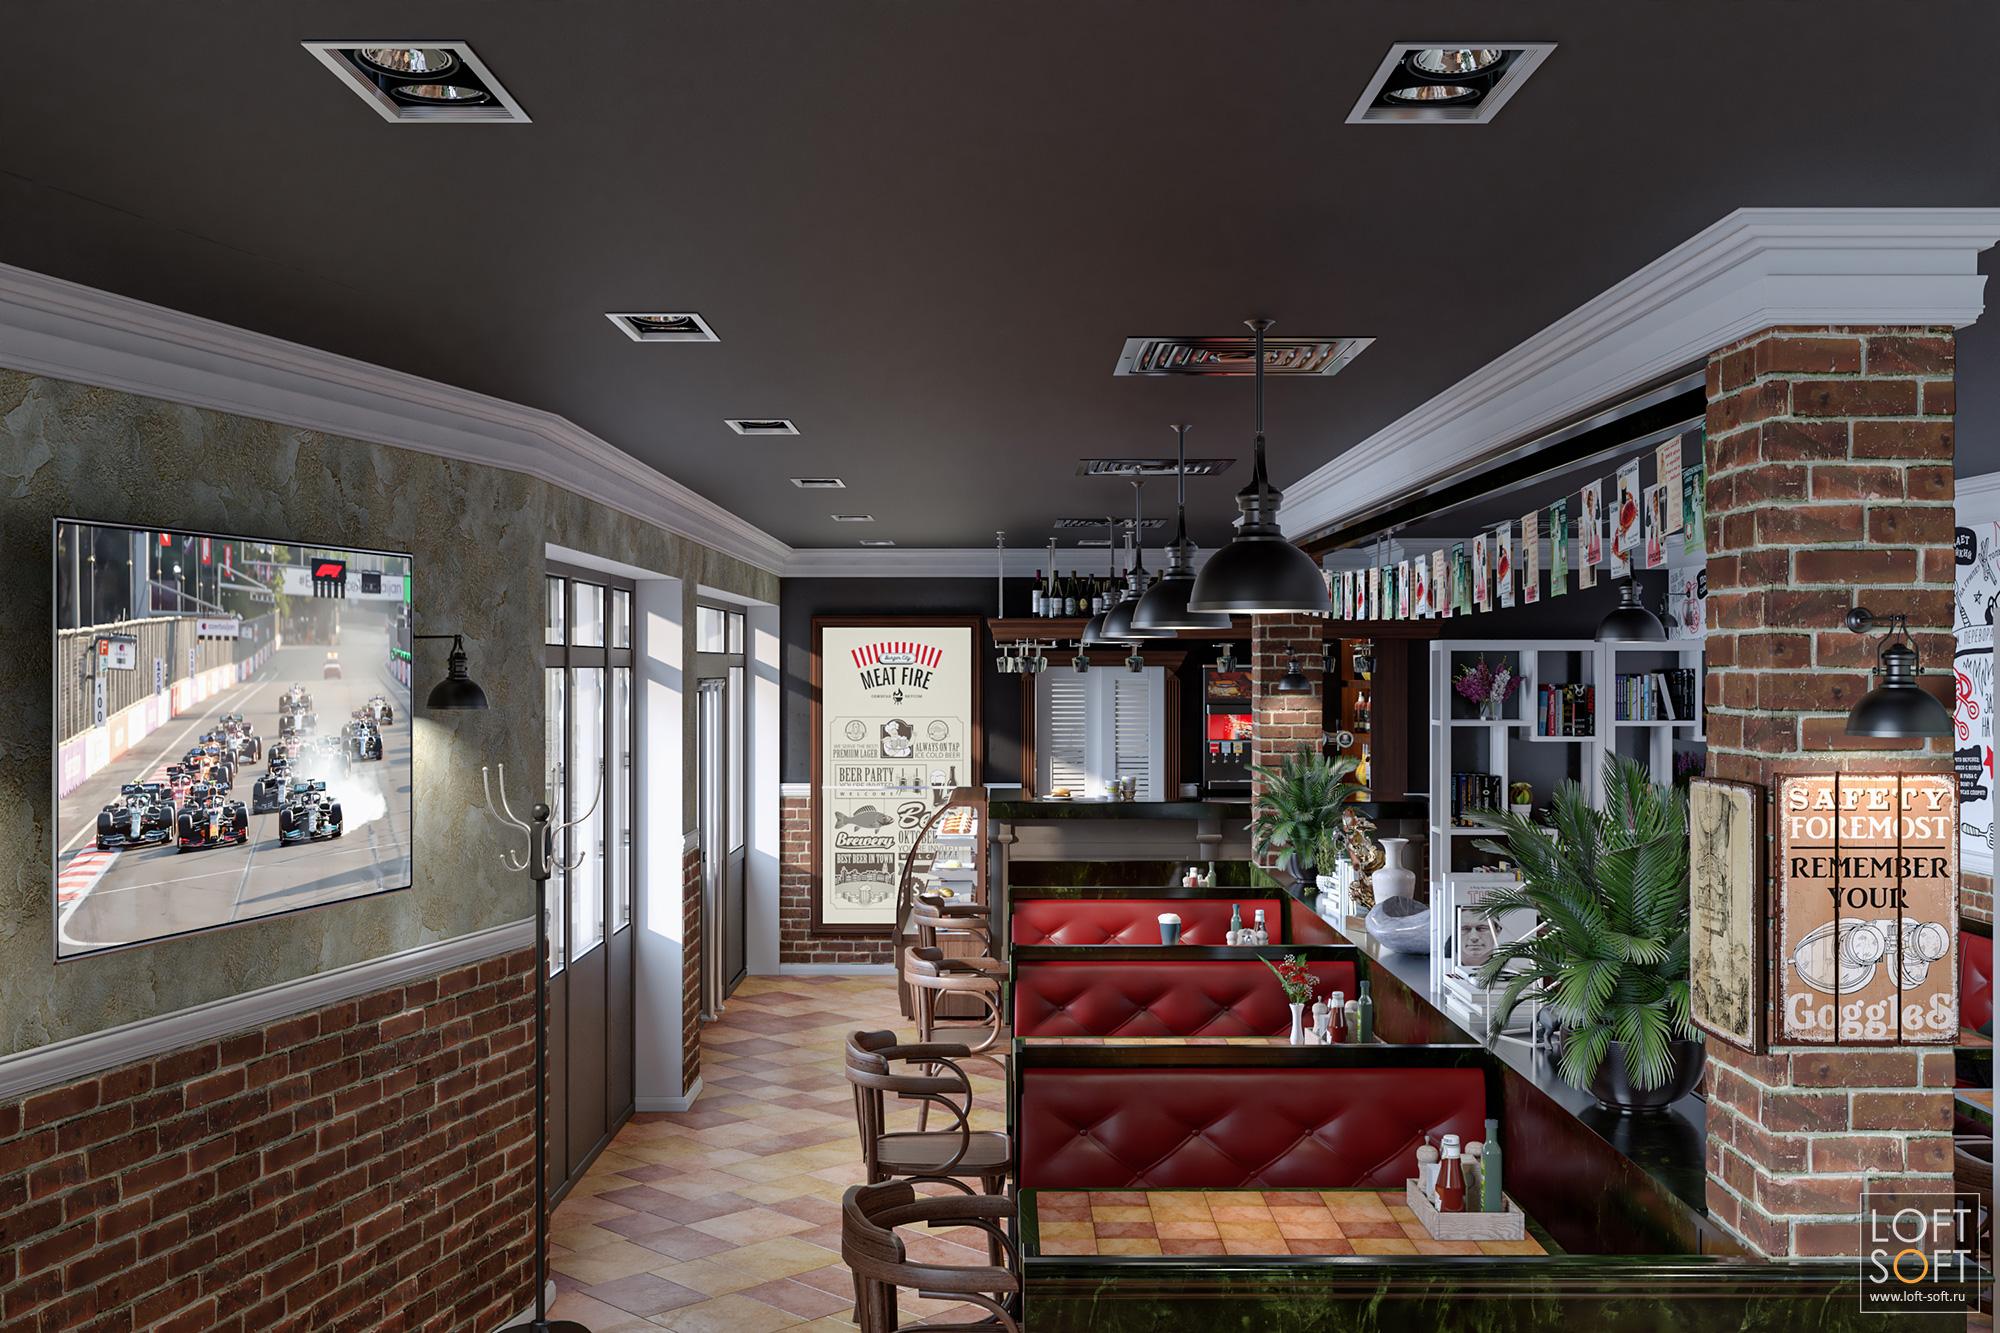 Дизайн помещения ресторана встиле лофт.